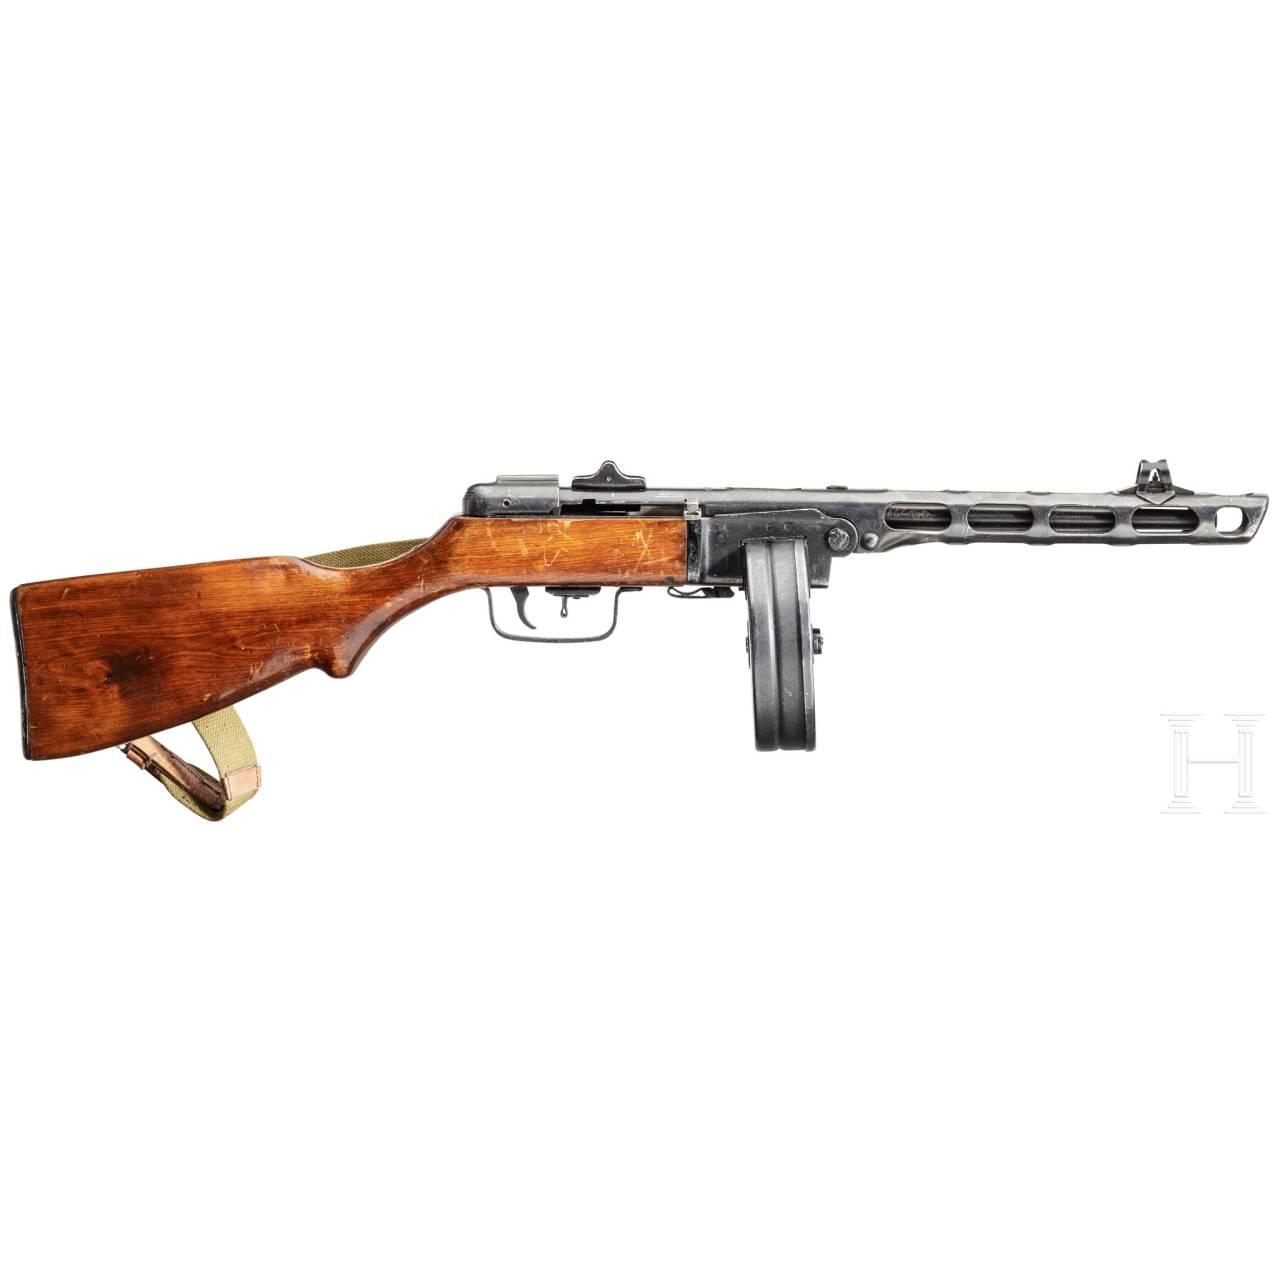 A PPSh 41 (SLK 41)